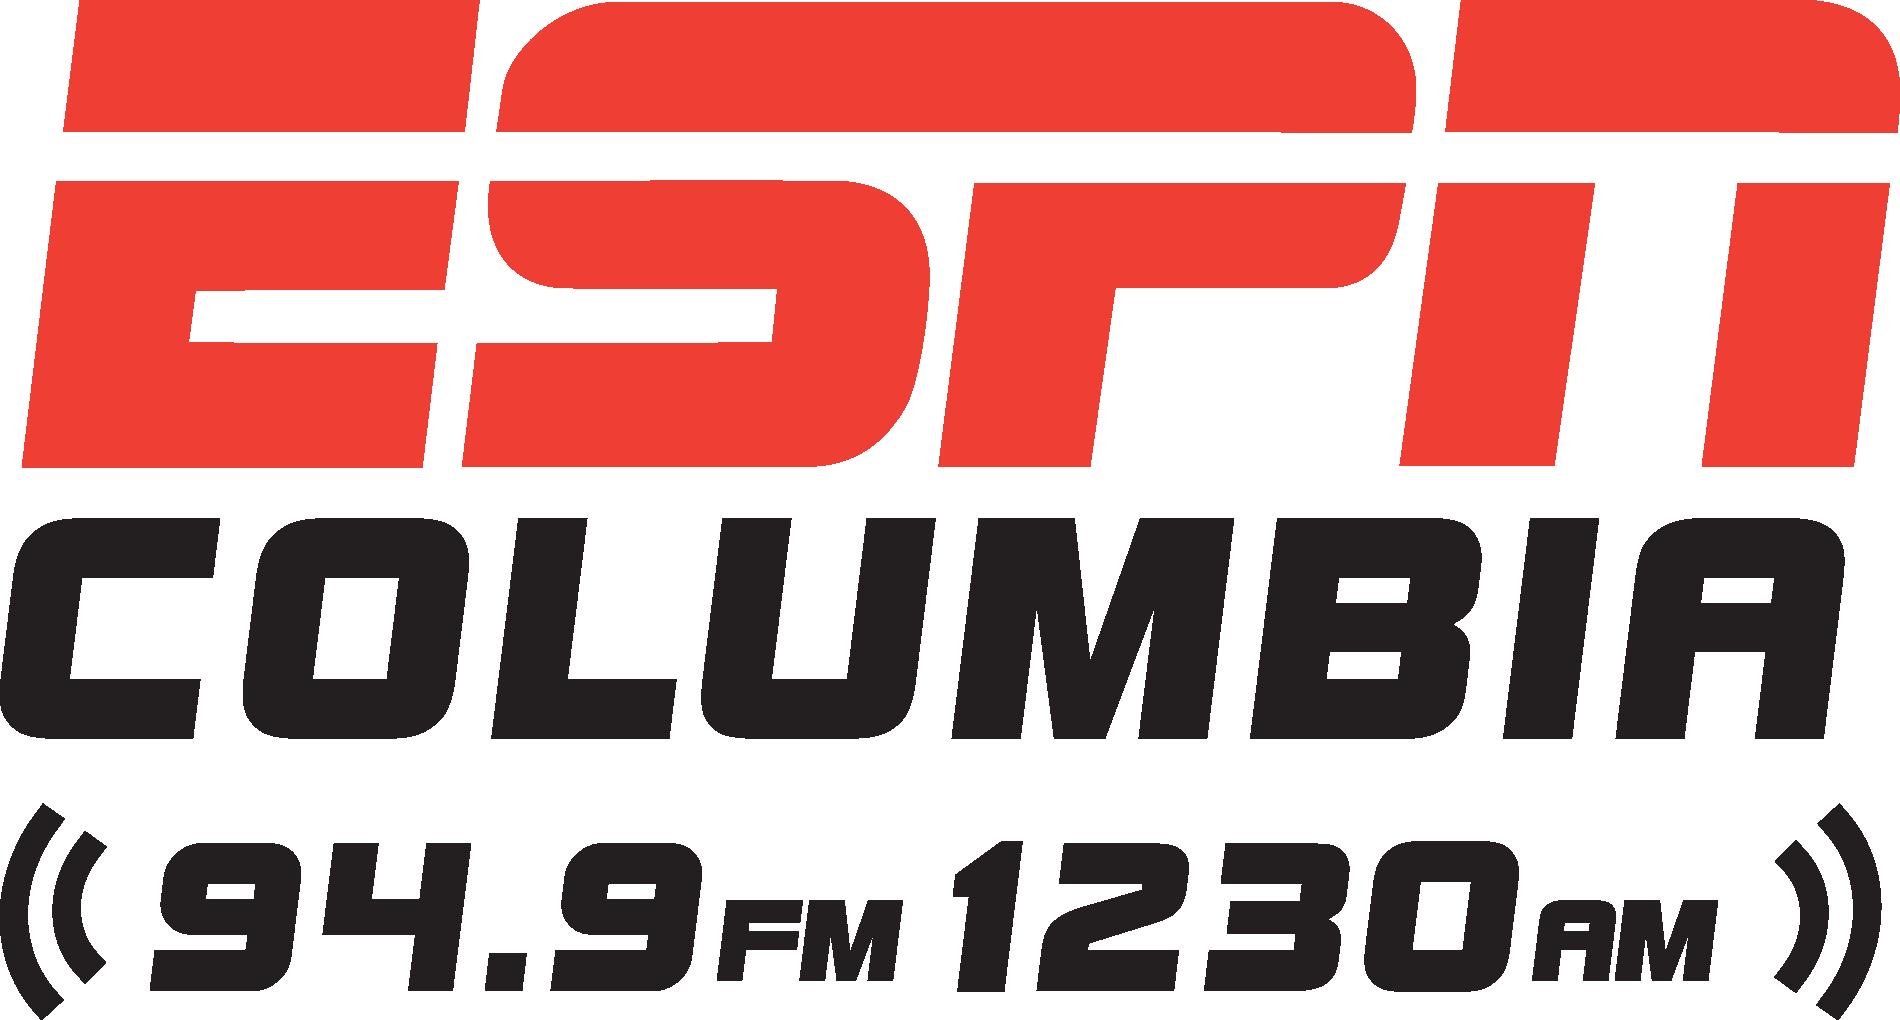 949-1230 ESPN Columbia_Blacktext.png